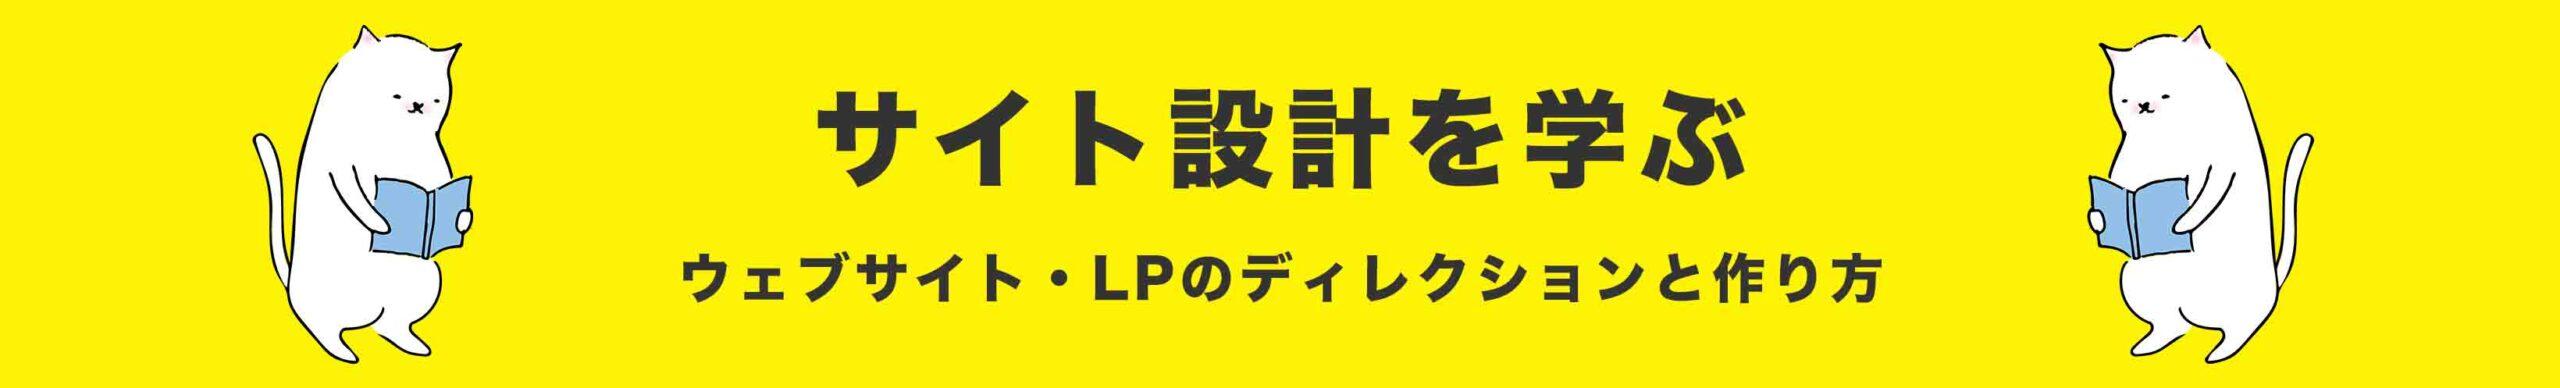 site lp